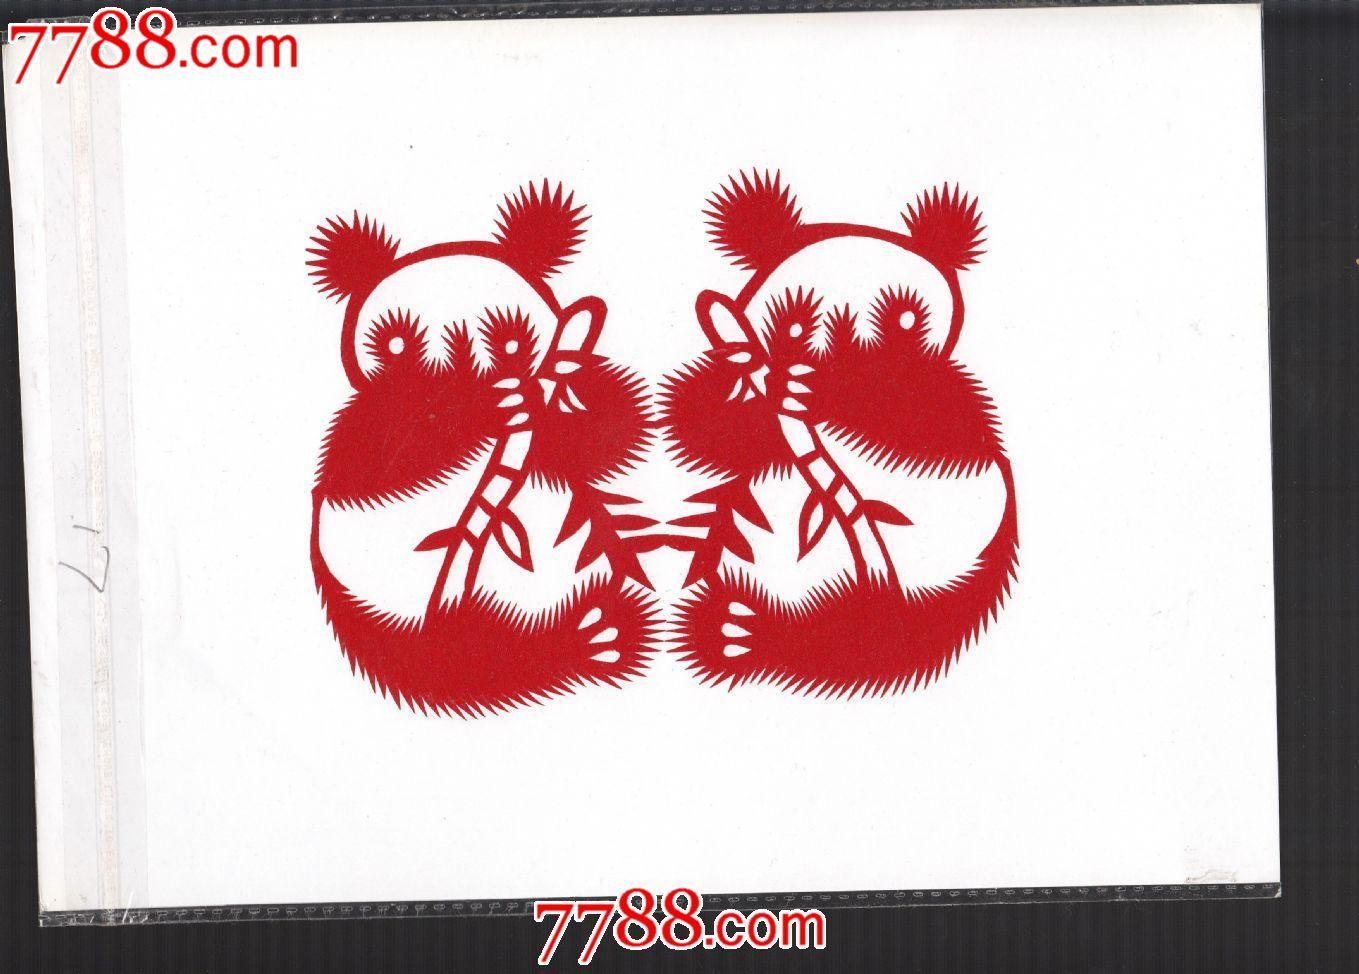 6 品种: 剪纸/窗花-剪纸/窗花 属性: 2000-2009年,,陕西,,动物,,单件